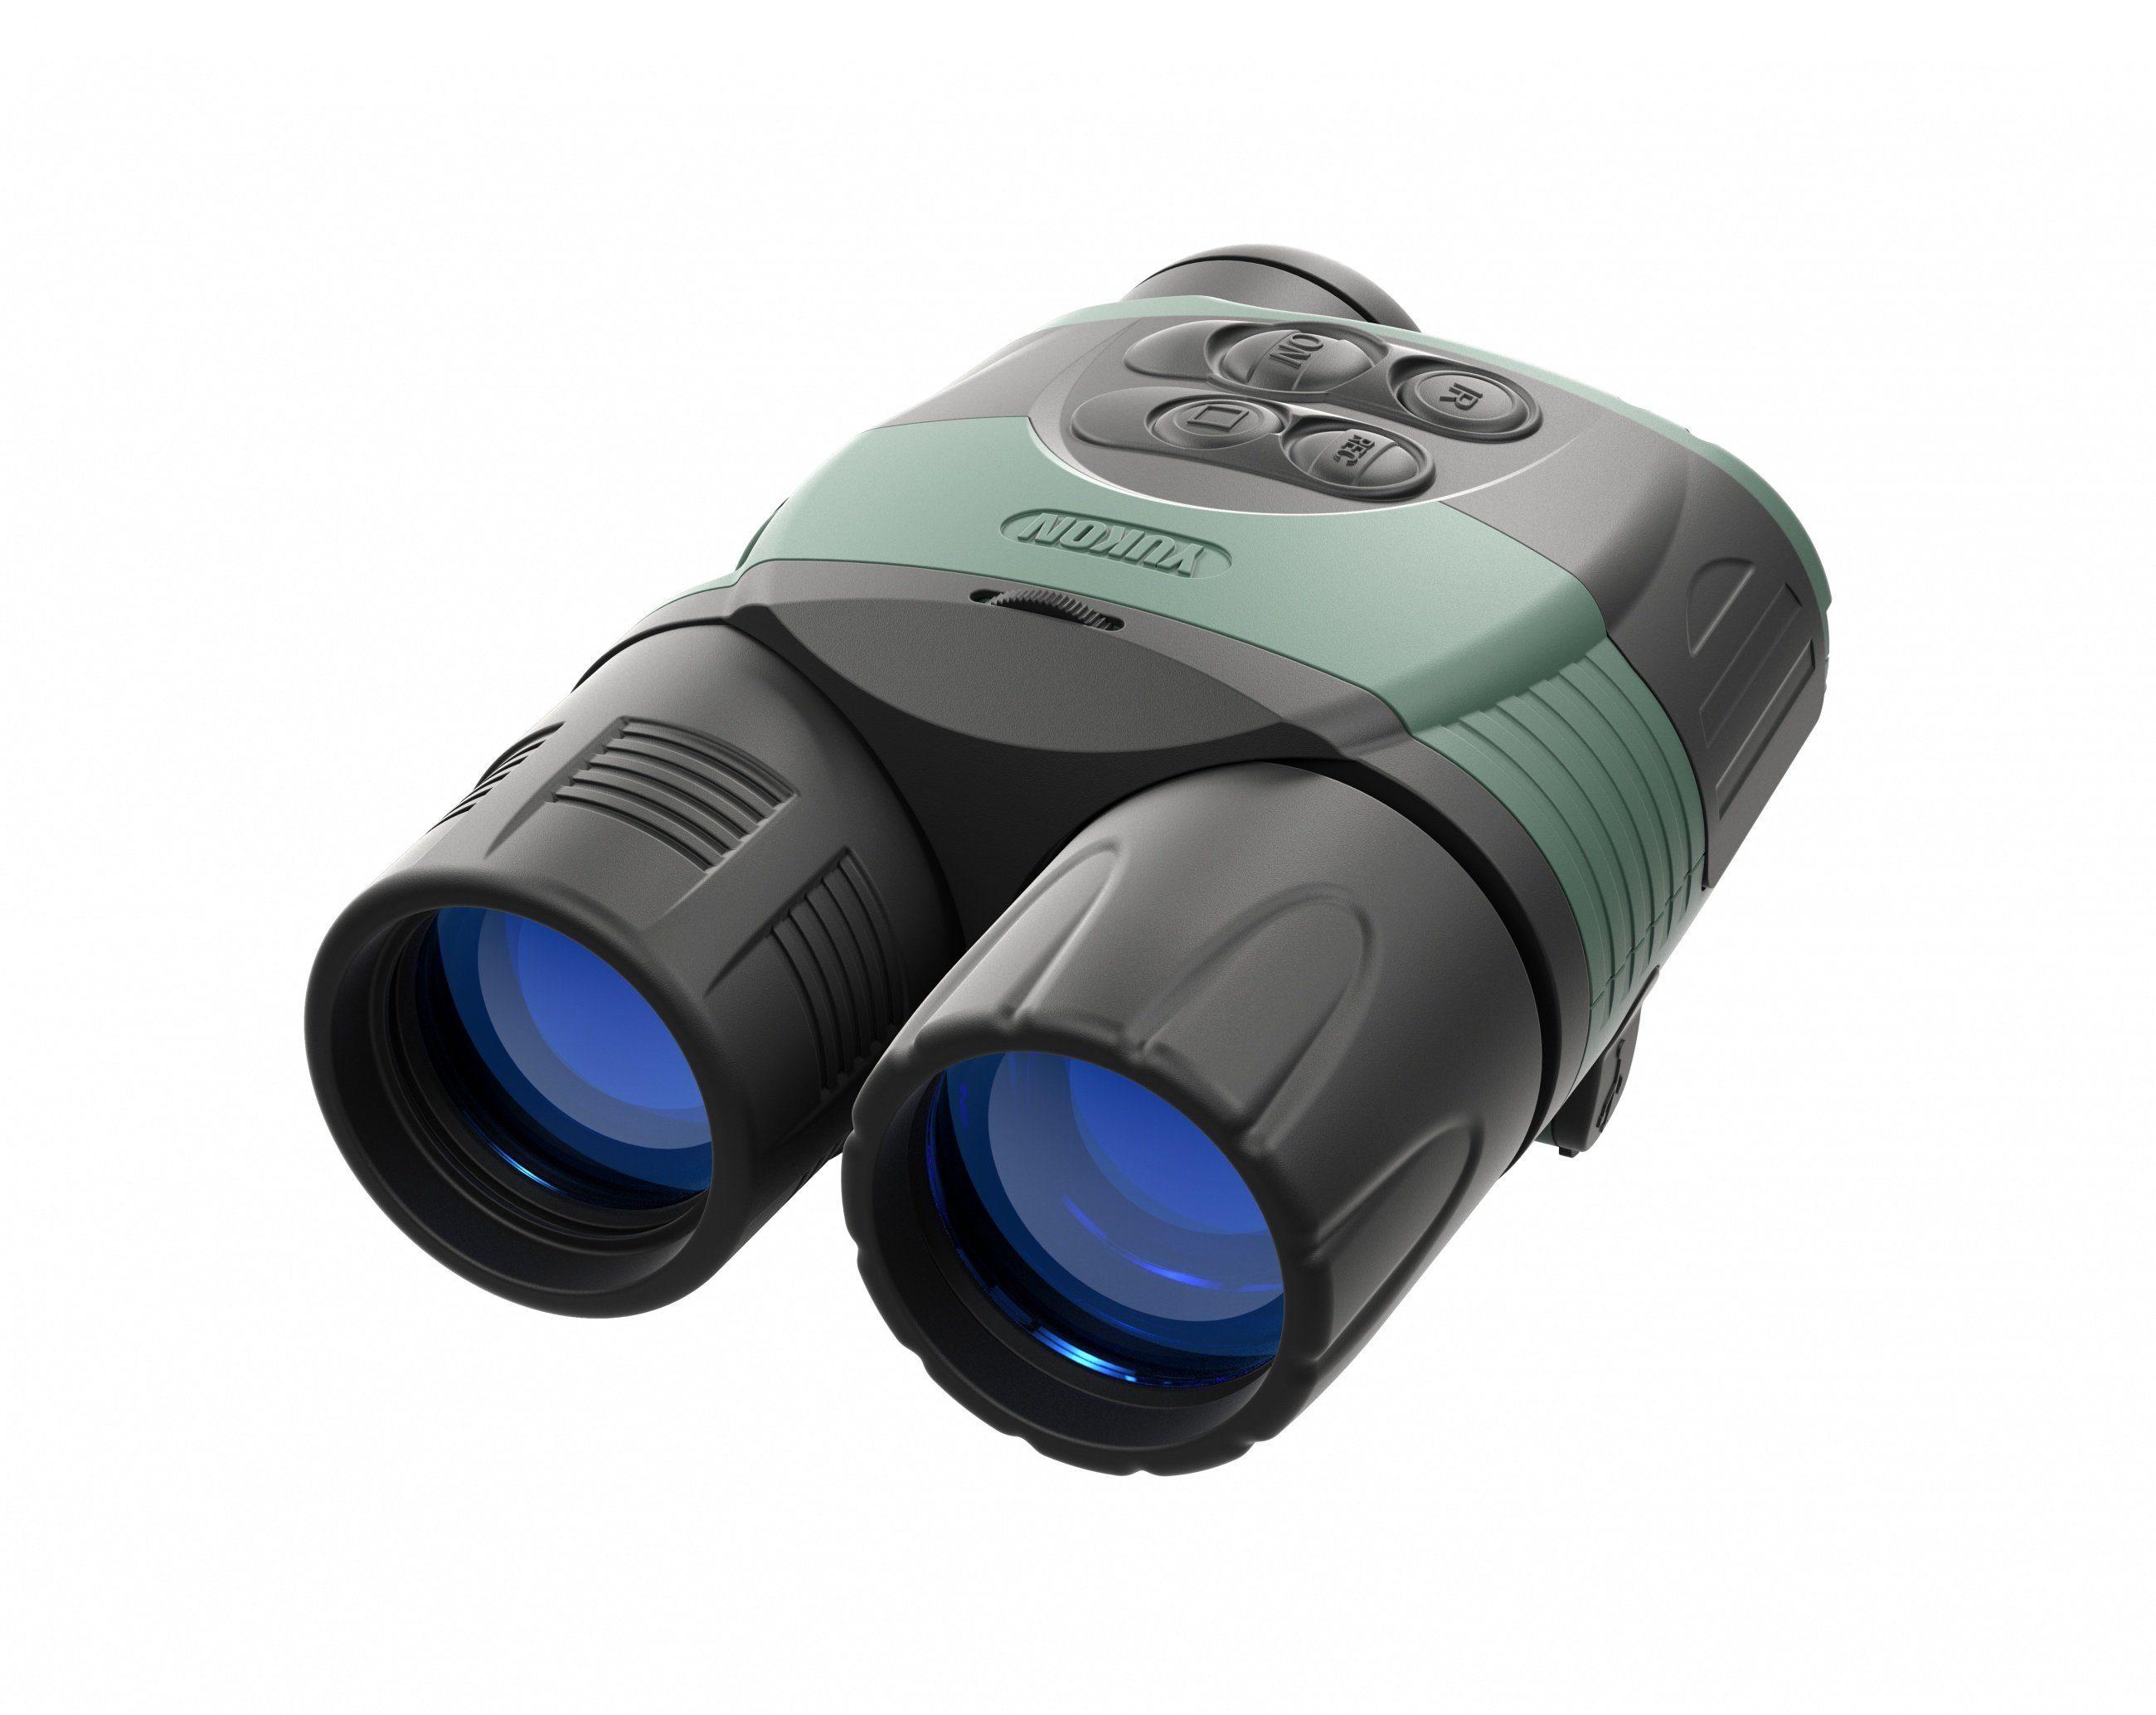 BRESSER Nachtsichtgerät »YUKON Ranger RT 6.5x42 Digitales Nachtsichtgerät«